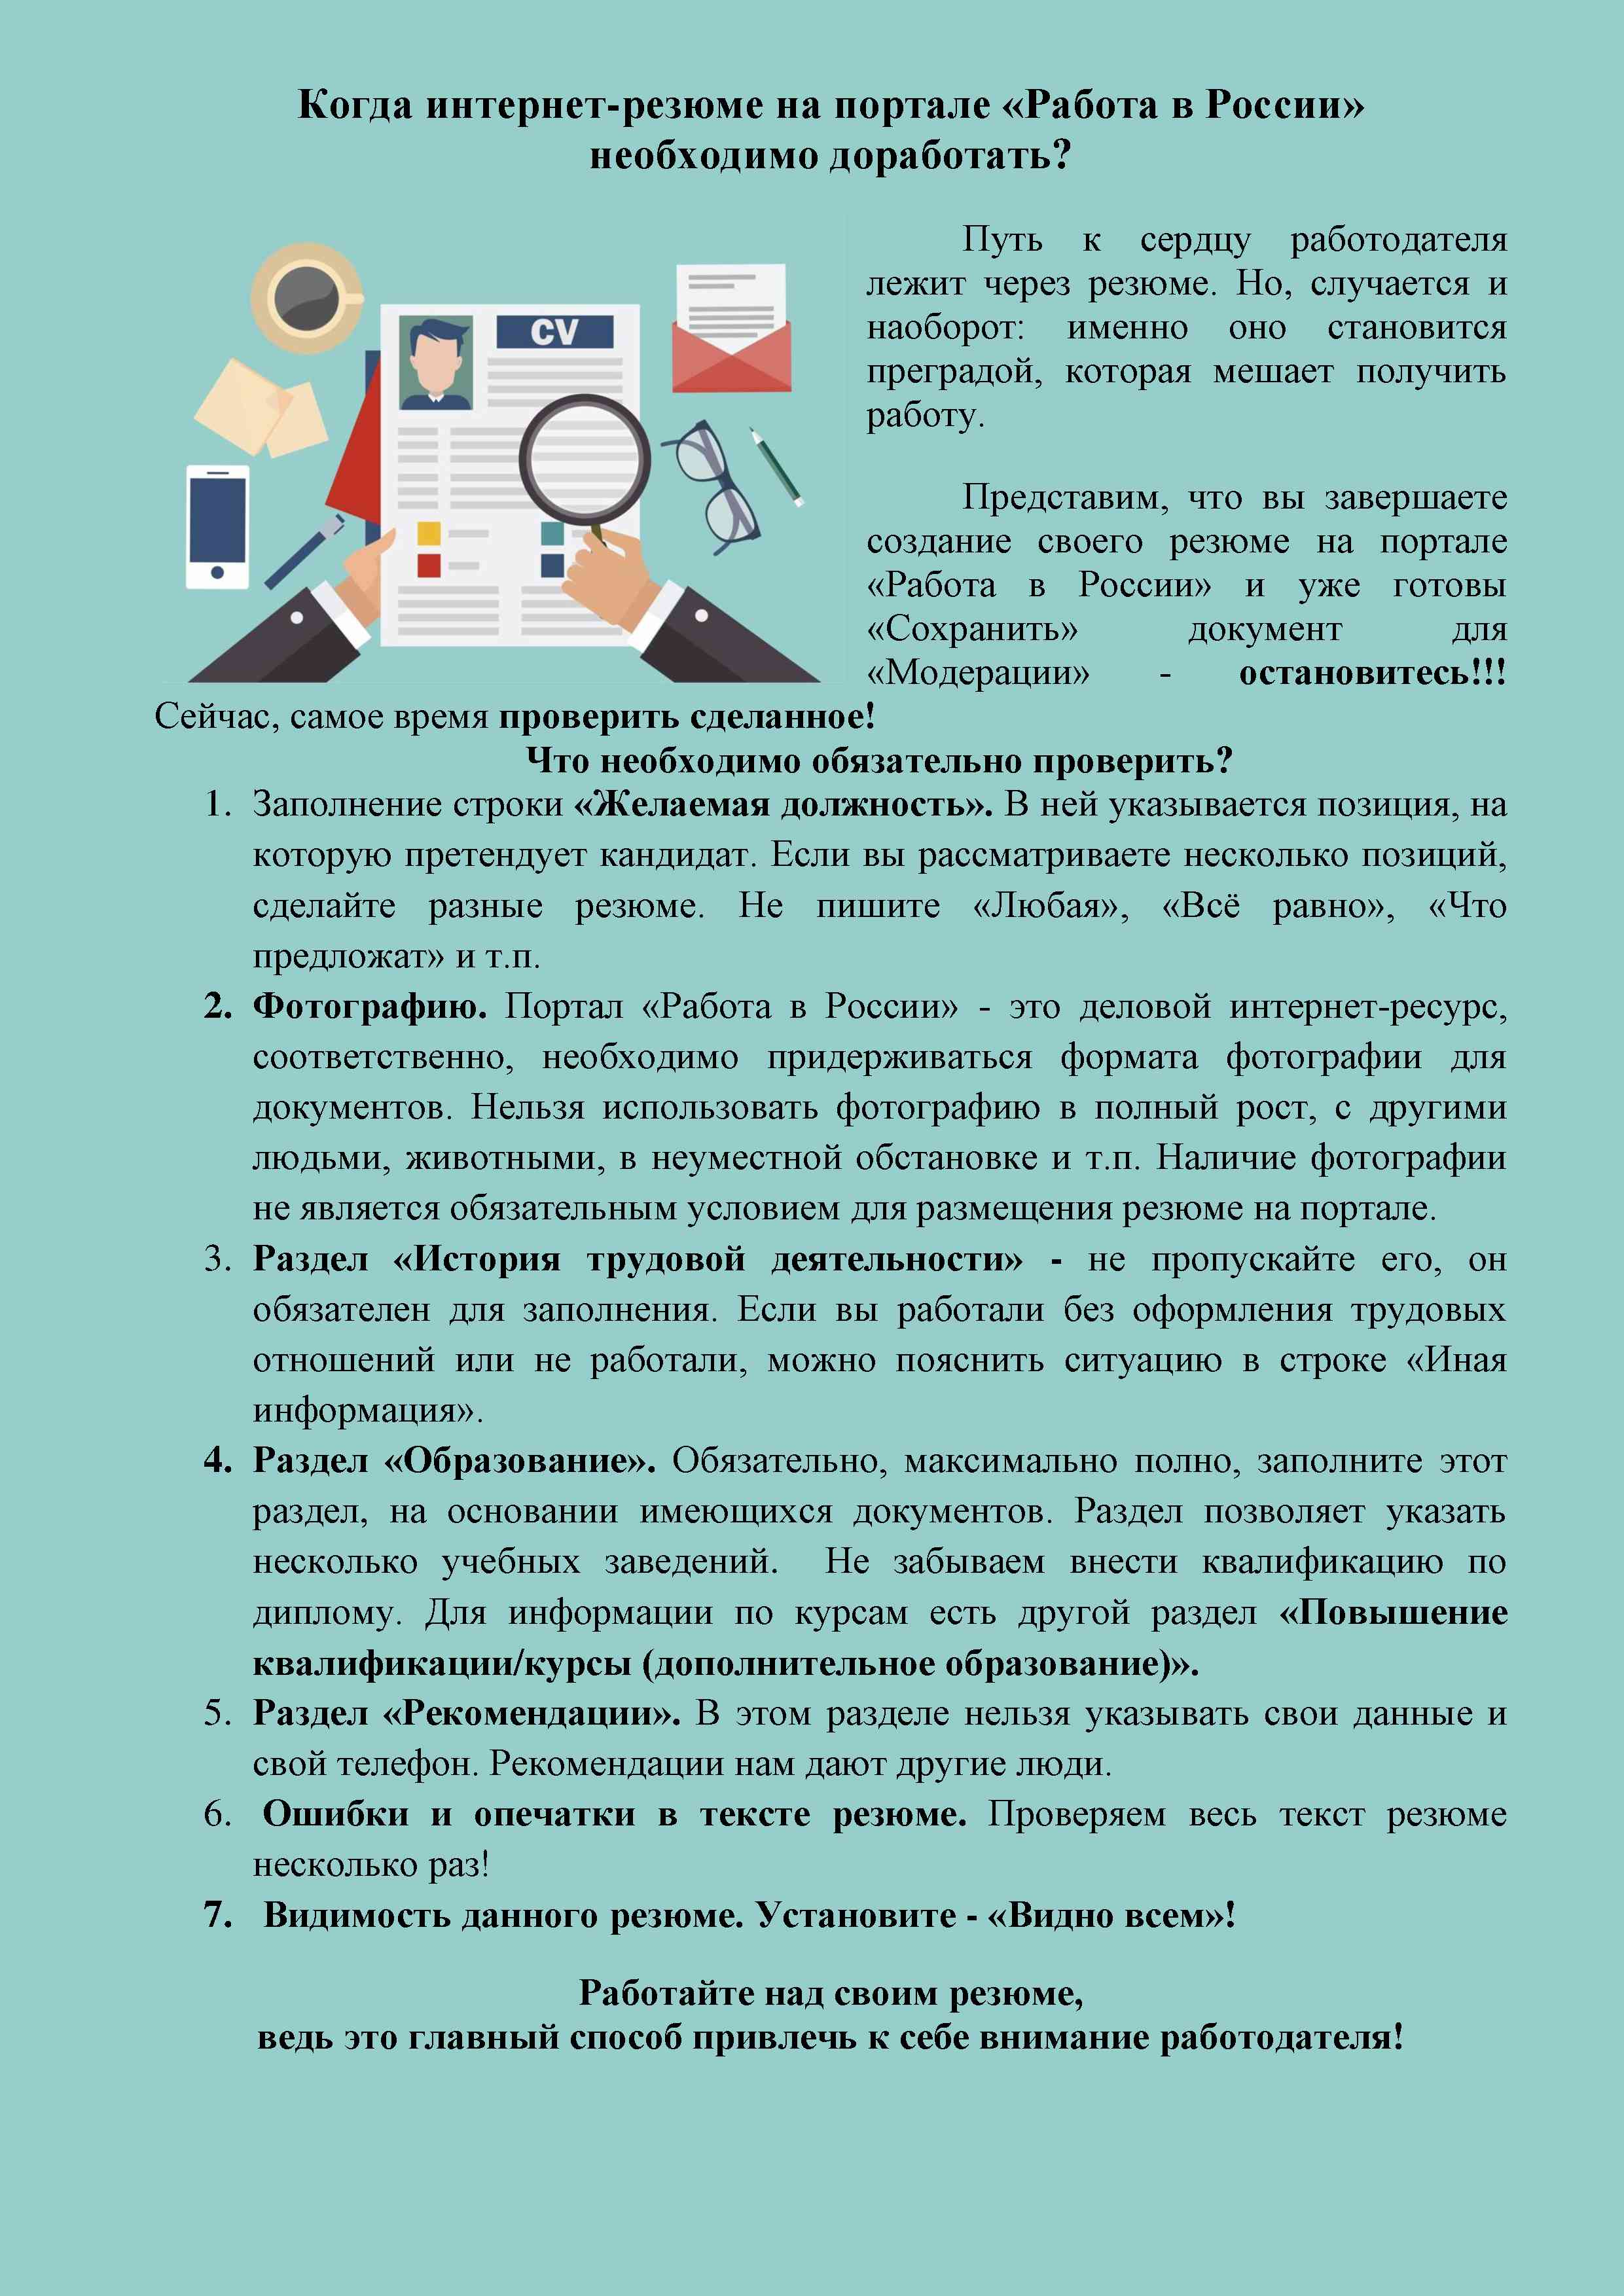 Когда интернет-резюме на портале «Работа в России» необходимо доработать